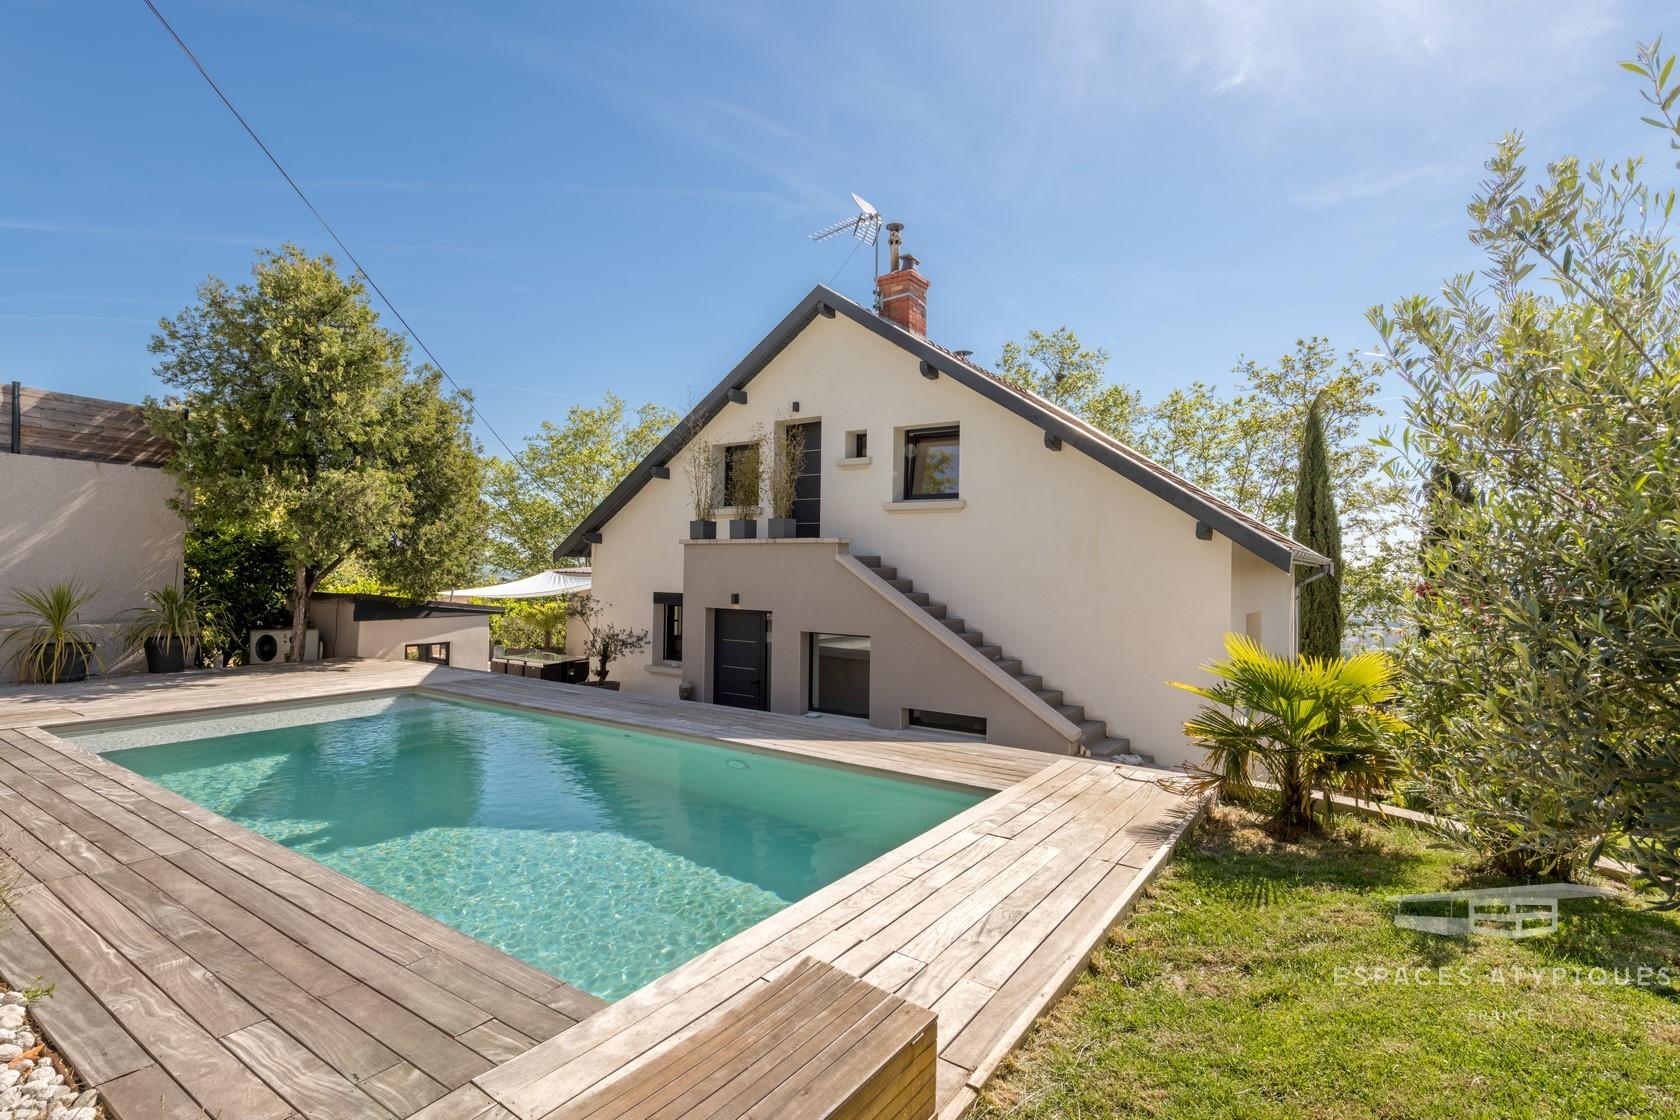 Maison Contemporaine De 320M² Avec Piscine À Sainte-Foy-Lès-Lyon dedans Piscine Sainte Foy Les Lyon